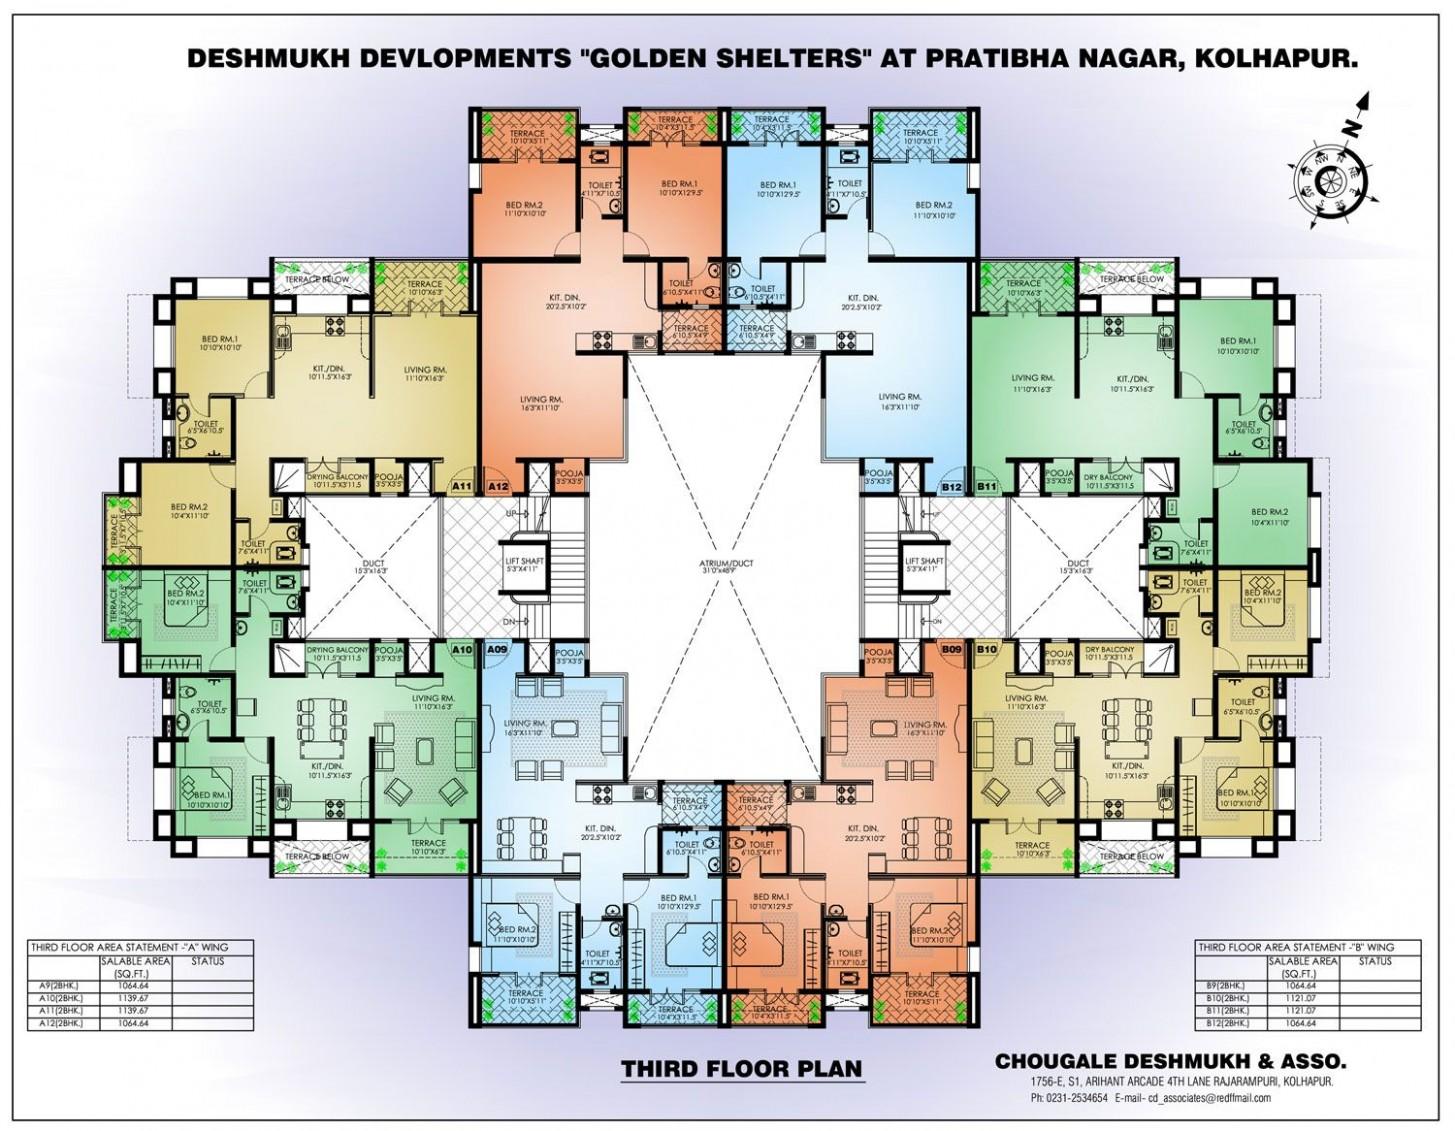 10 Bedroom Apartment Floor Plans Apartment Building Floor in 10  - Apartment Architecture Design Plans